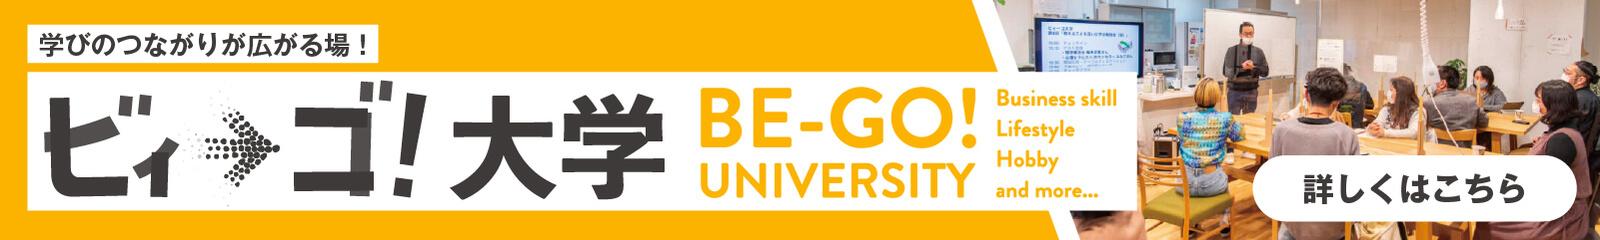 ビィーゴ大学